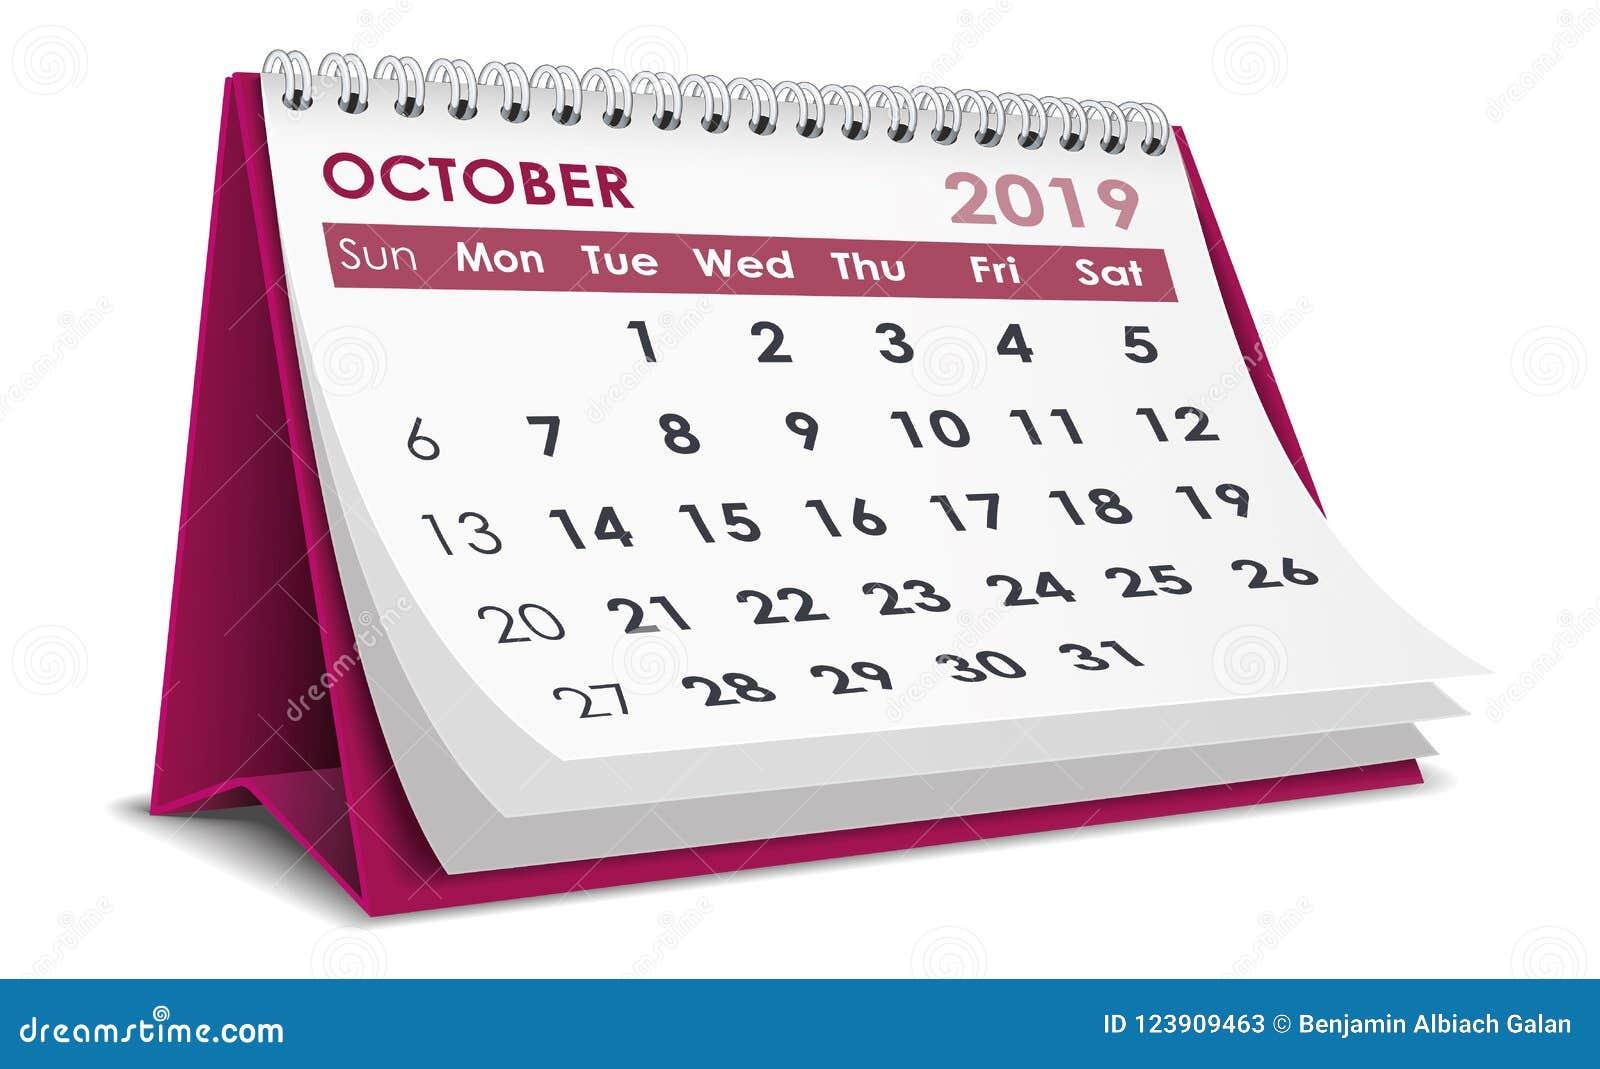 Octobre Calendrier 2019.Octobre 2019 Calendrier Illustration De Vecteur